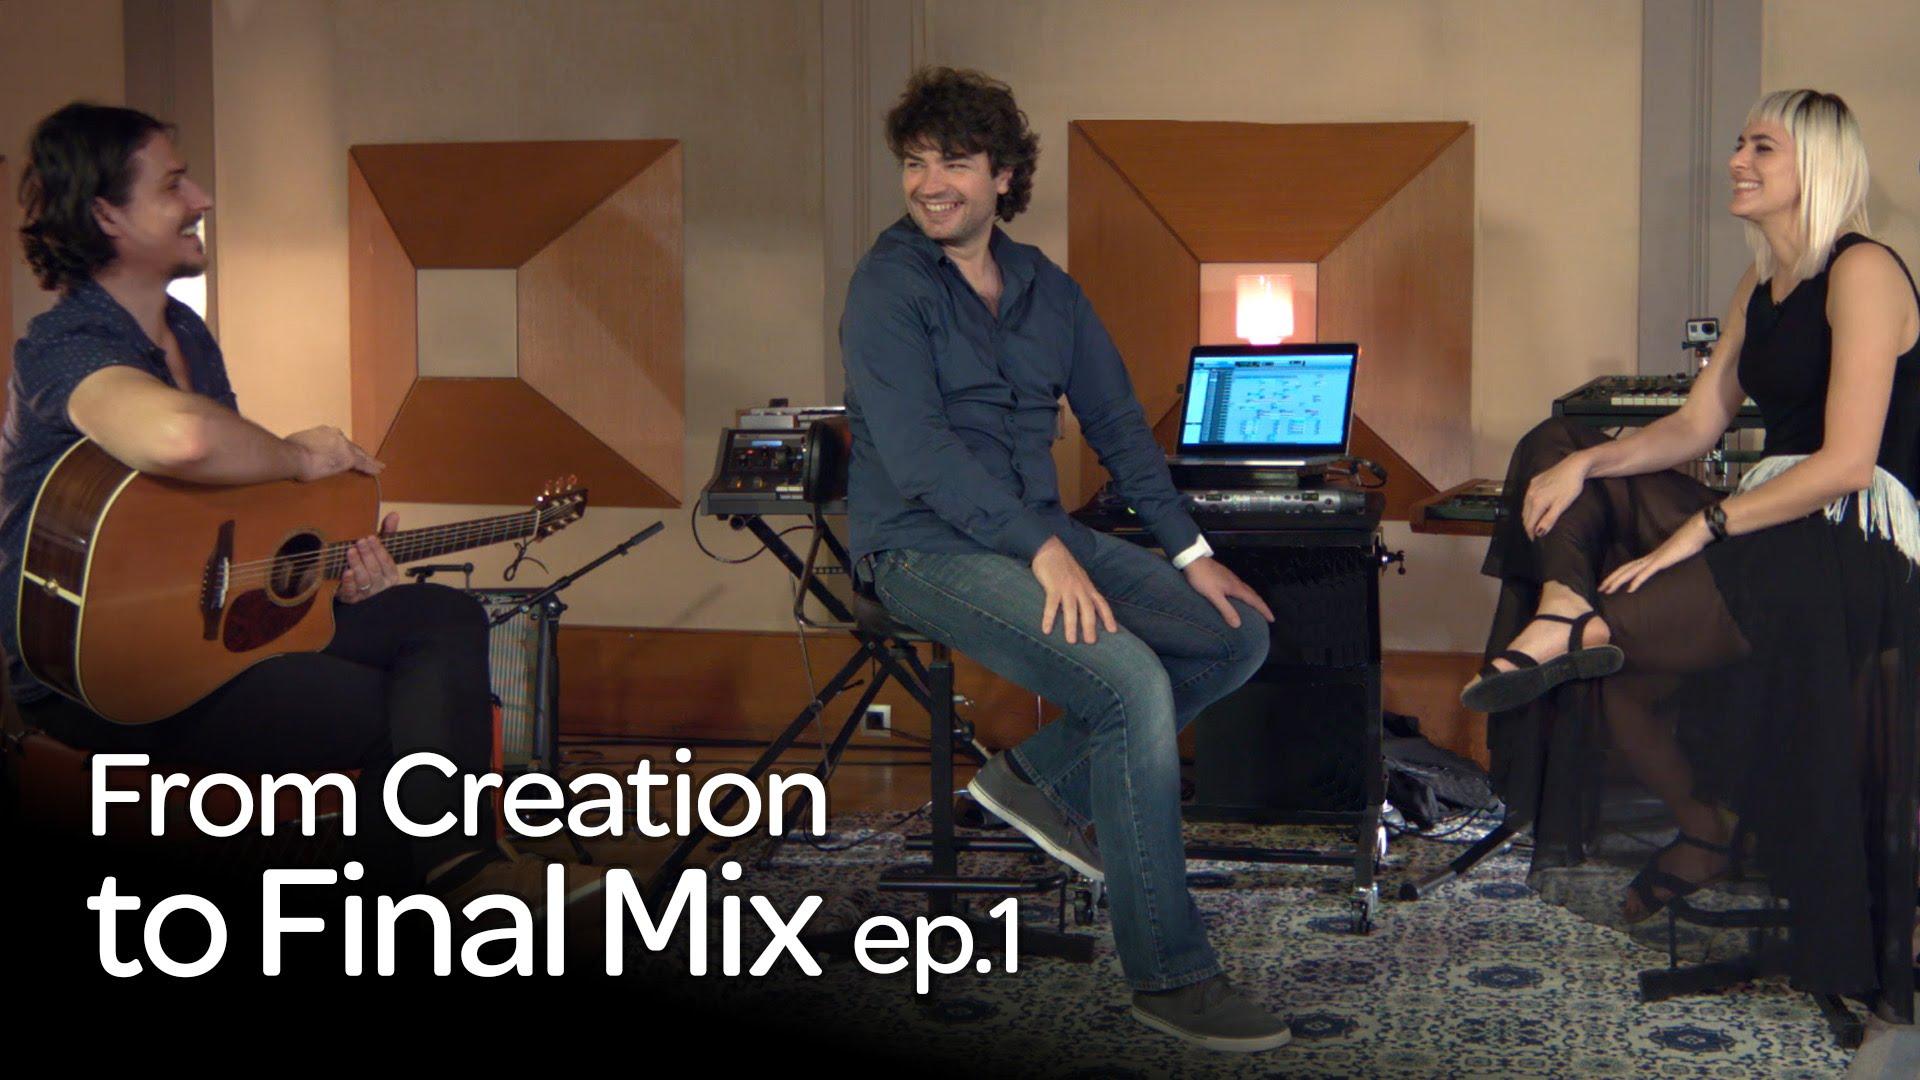 嗨!從Demo到完整作品:ProTools帶你看看一首歌曲的製作過程!